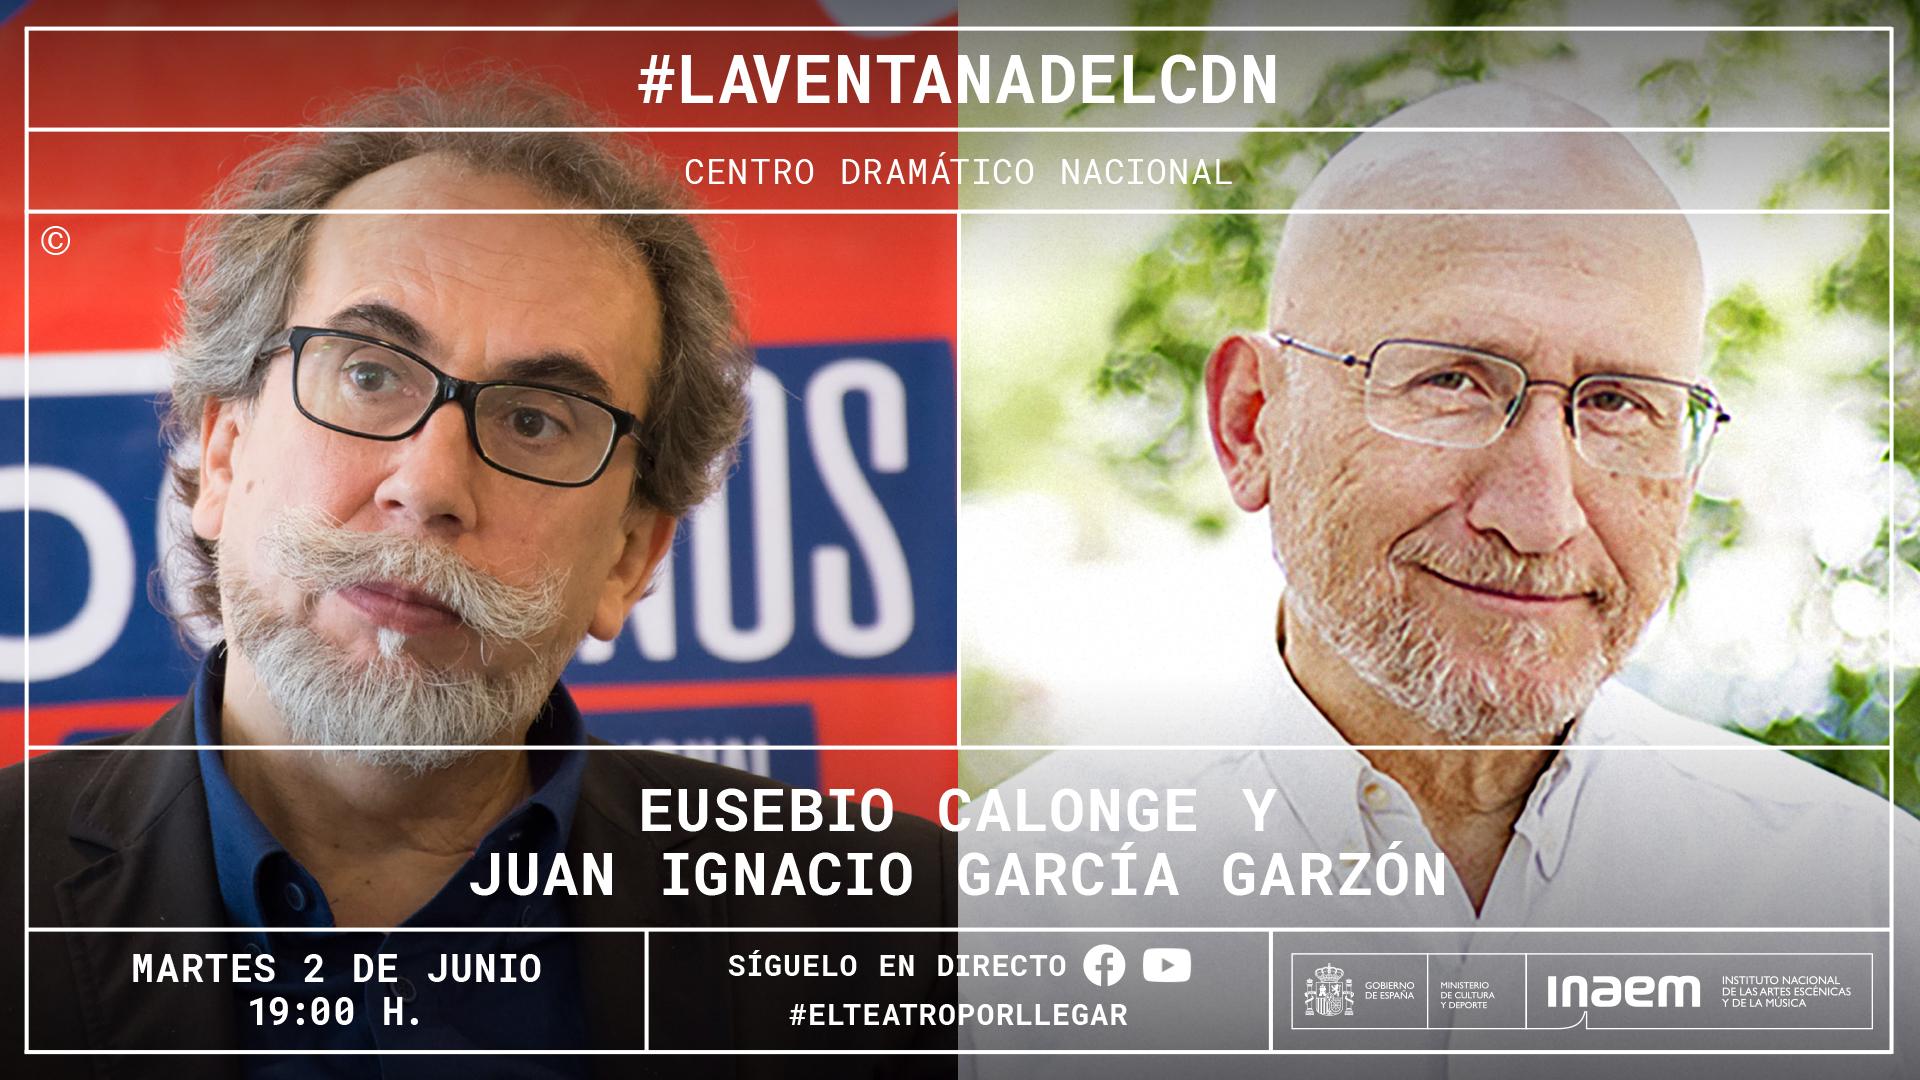 Juan Ignacio García Garzón entrevista en directo a Eusebio Calonge